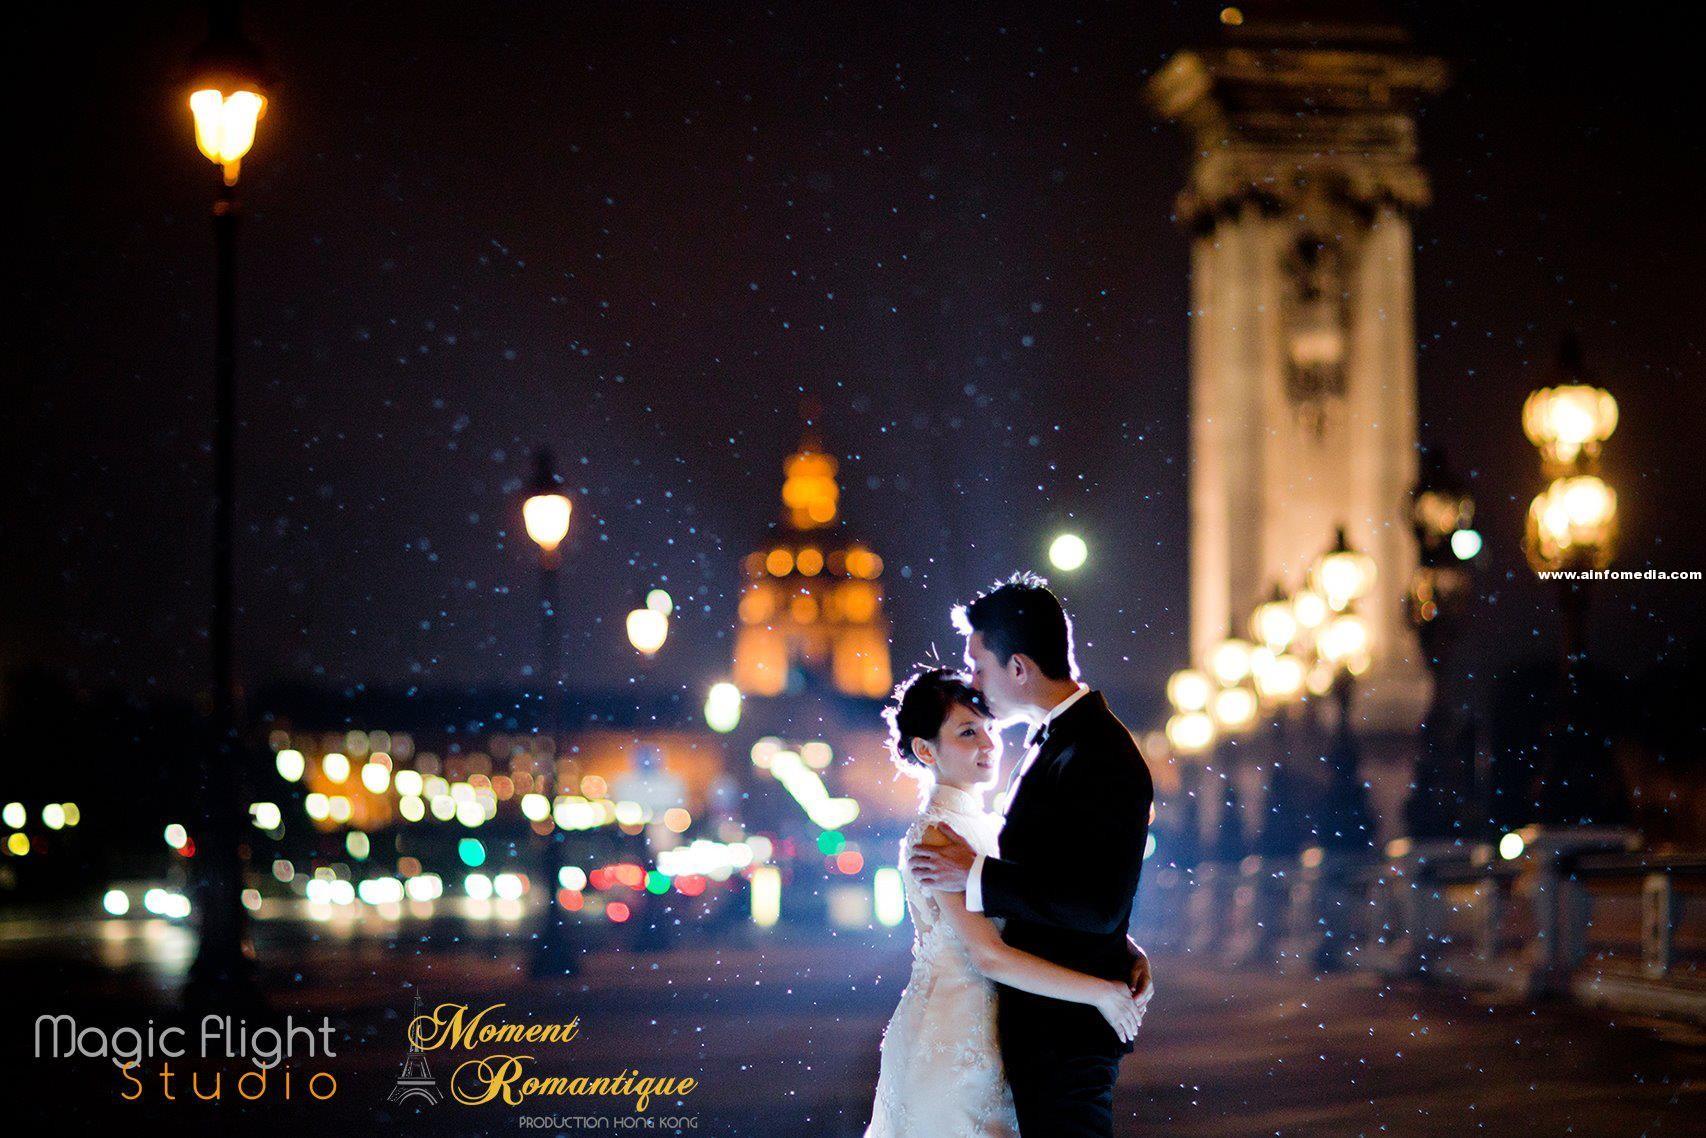 [旺角婚紗婚禮攝影] Moment Romantique